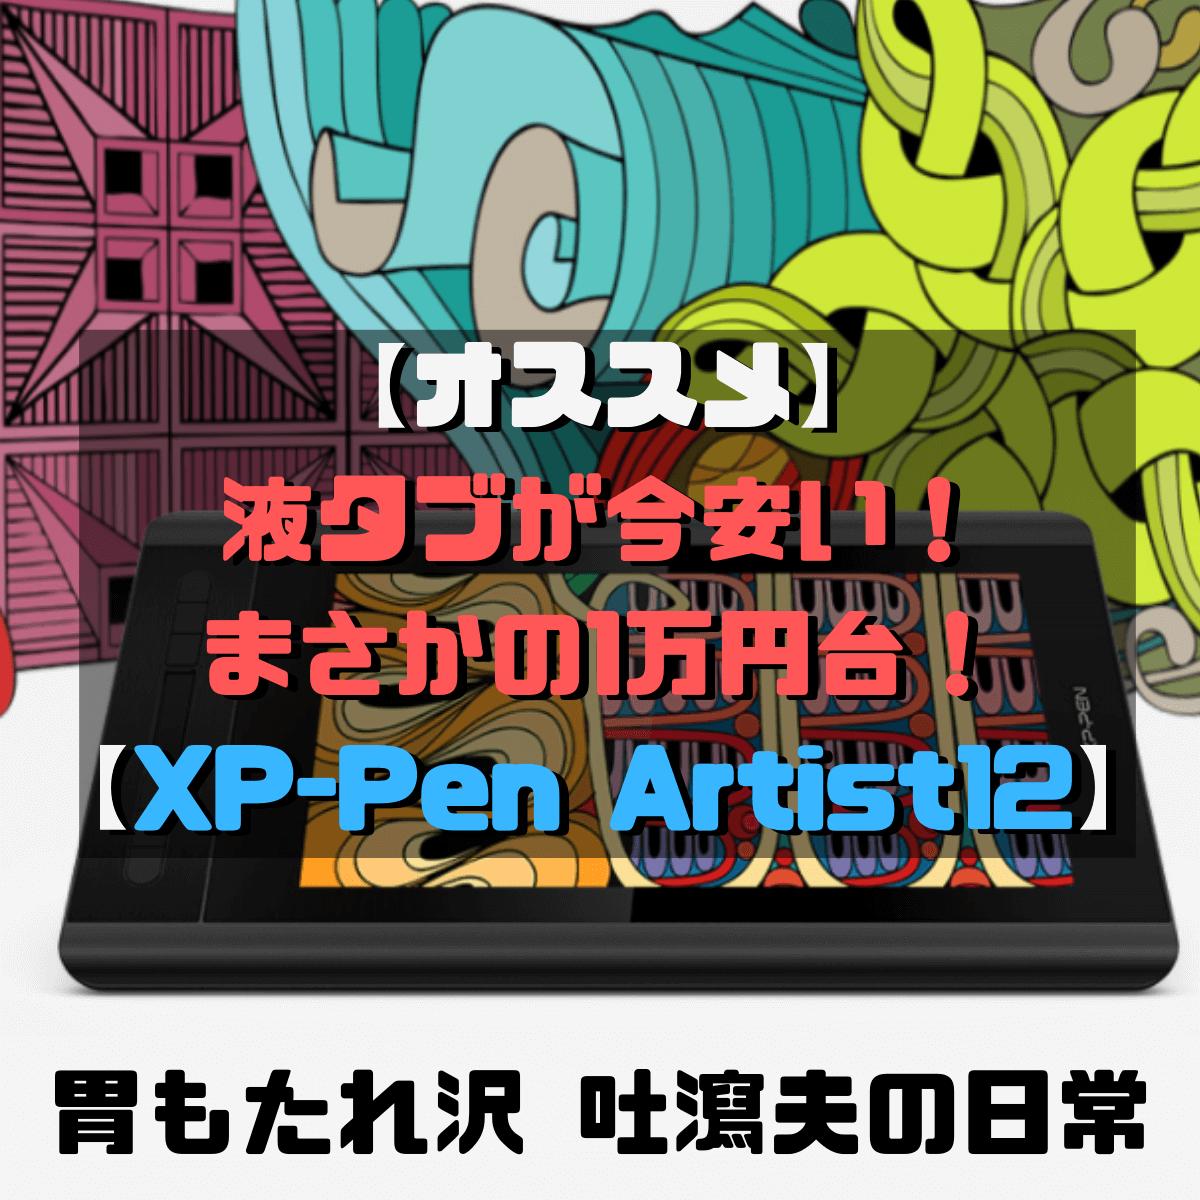 液タブが今安い!まさかの激安1万円台!【XP-Pen Artist12】